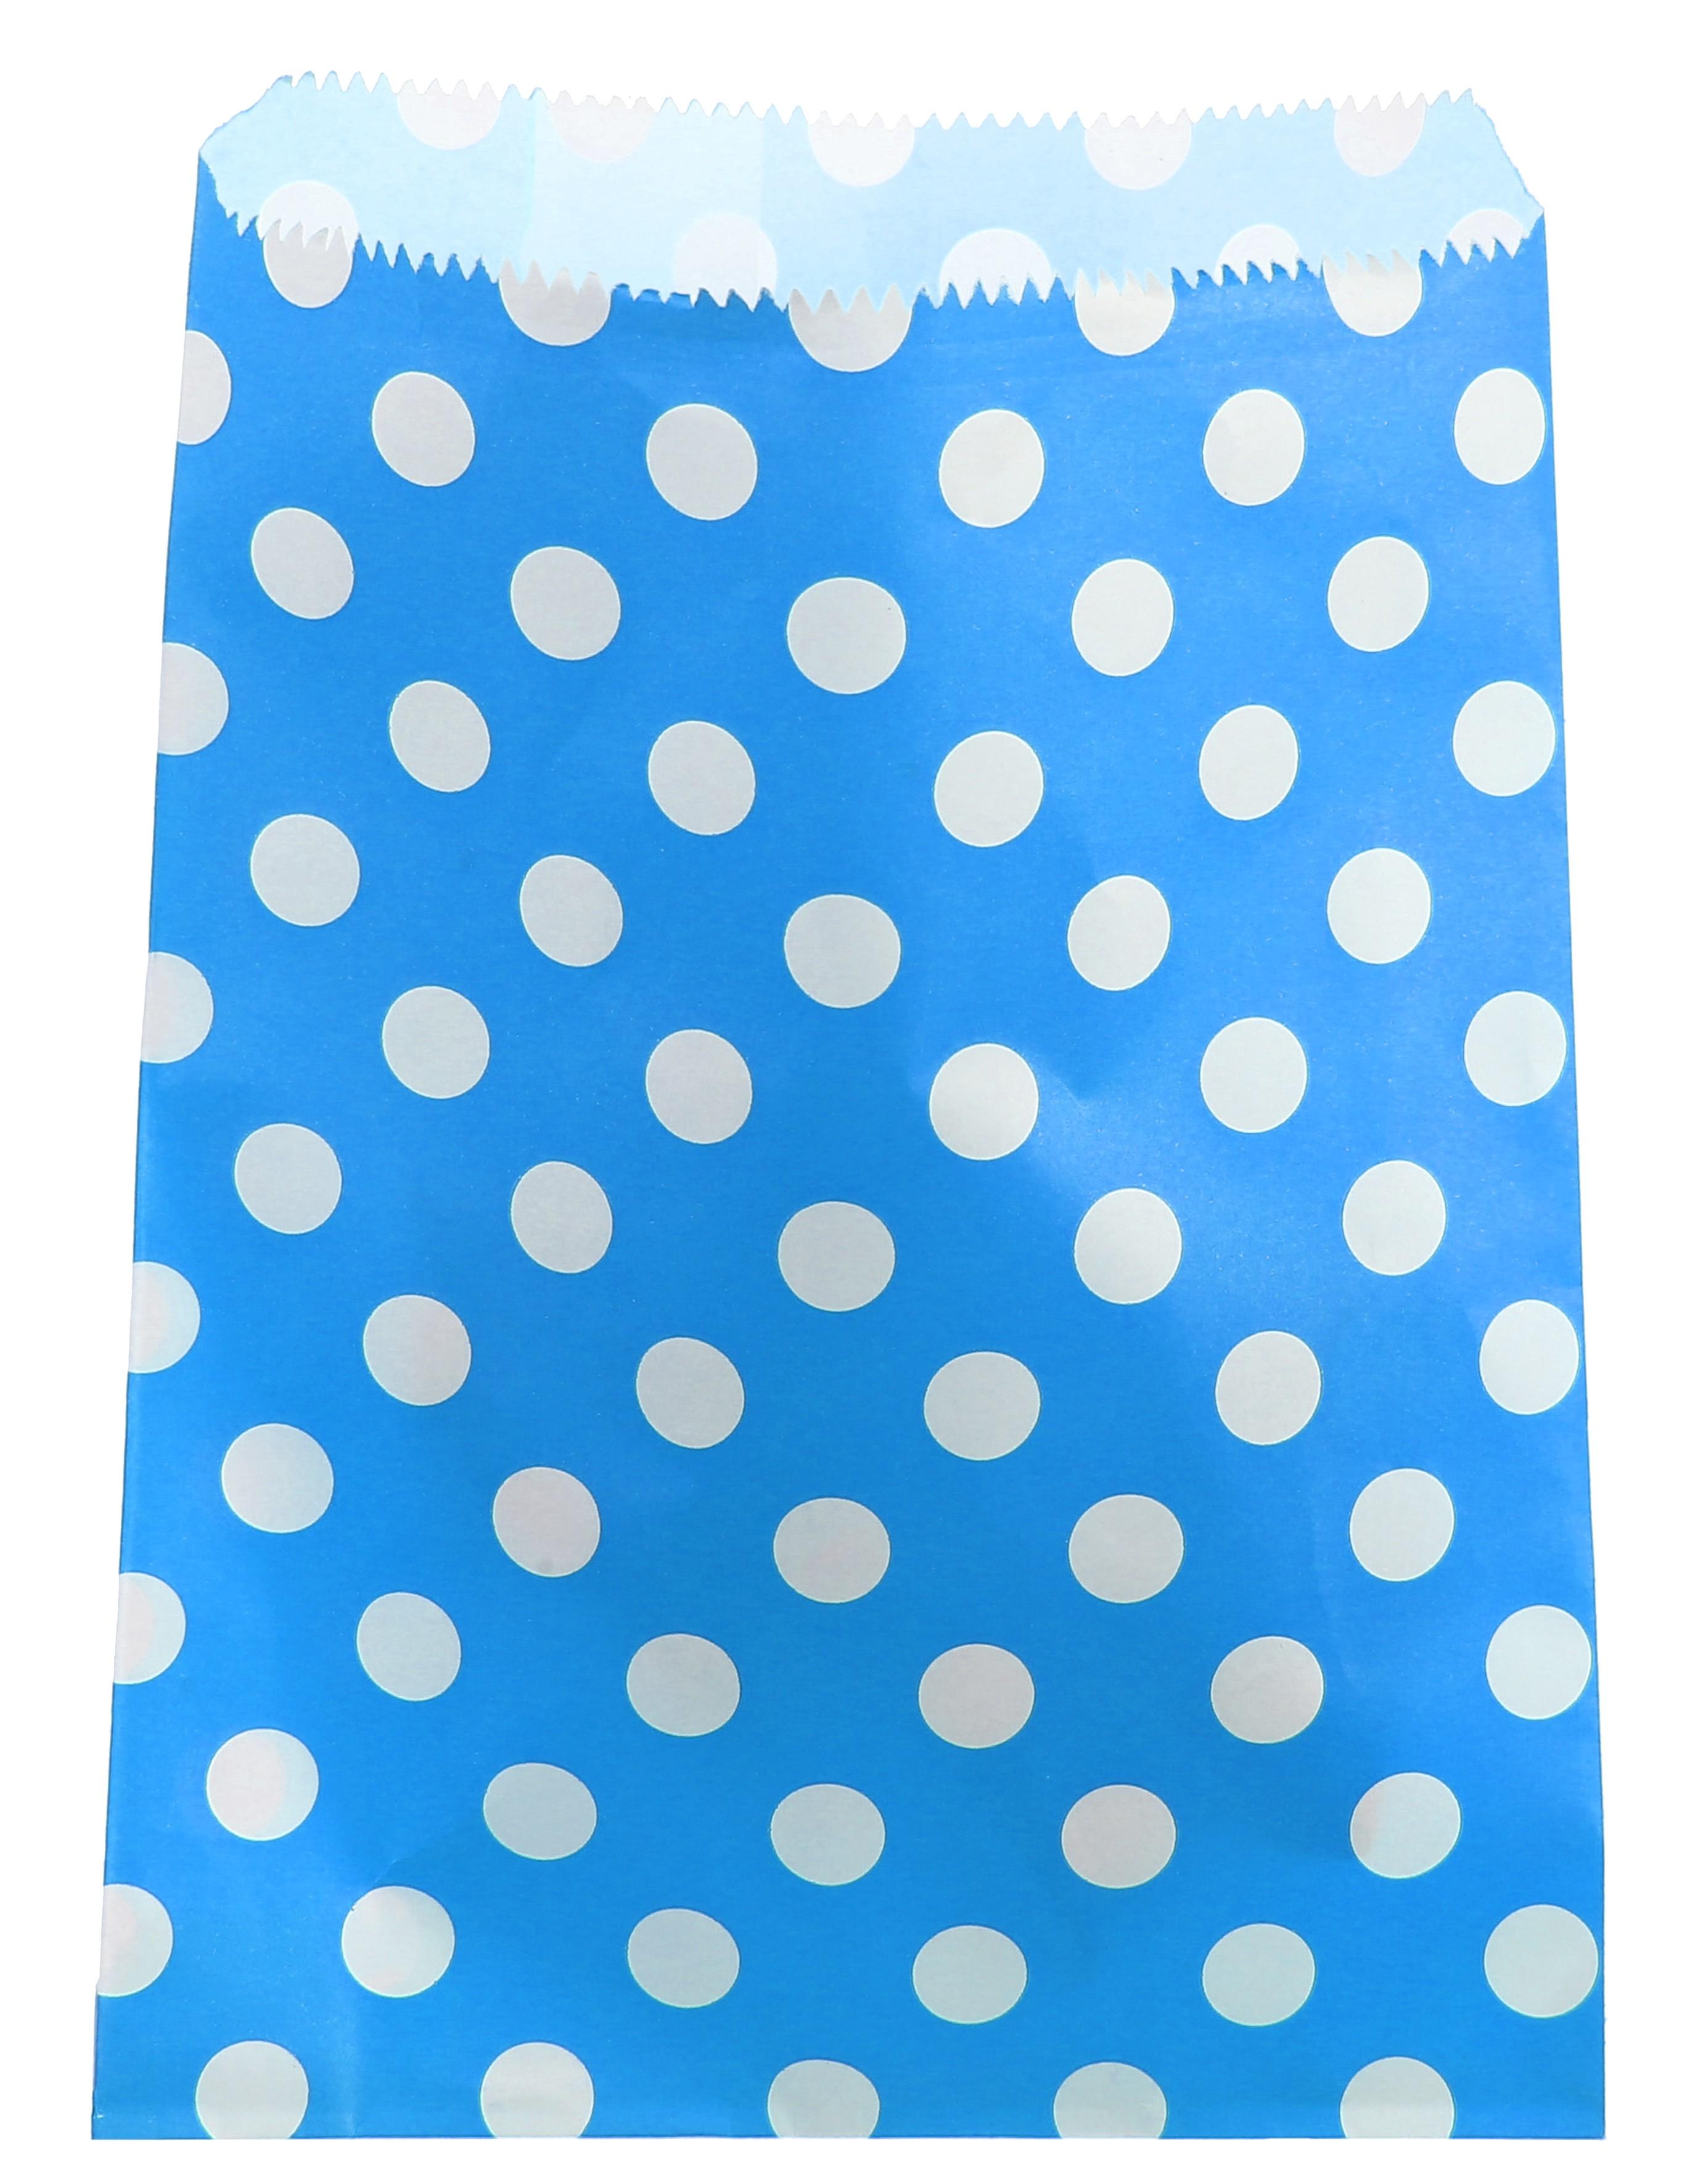 Billede af Blå papir slikpose med prikker - 24 Stk